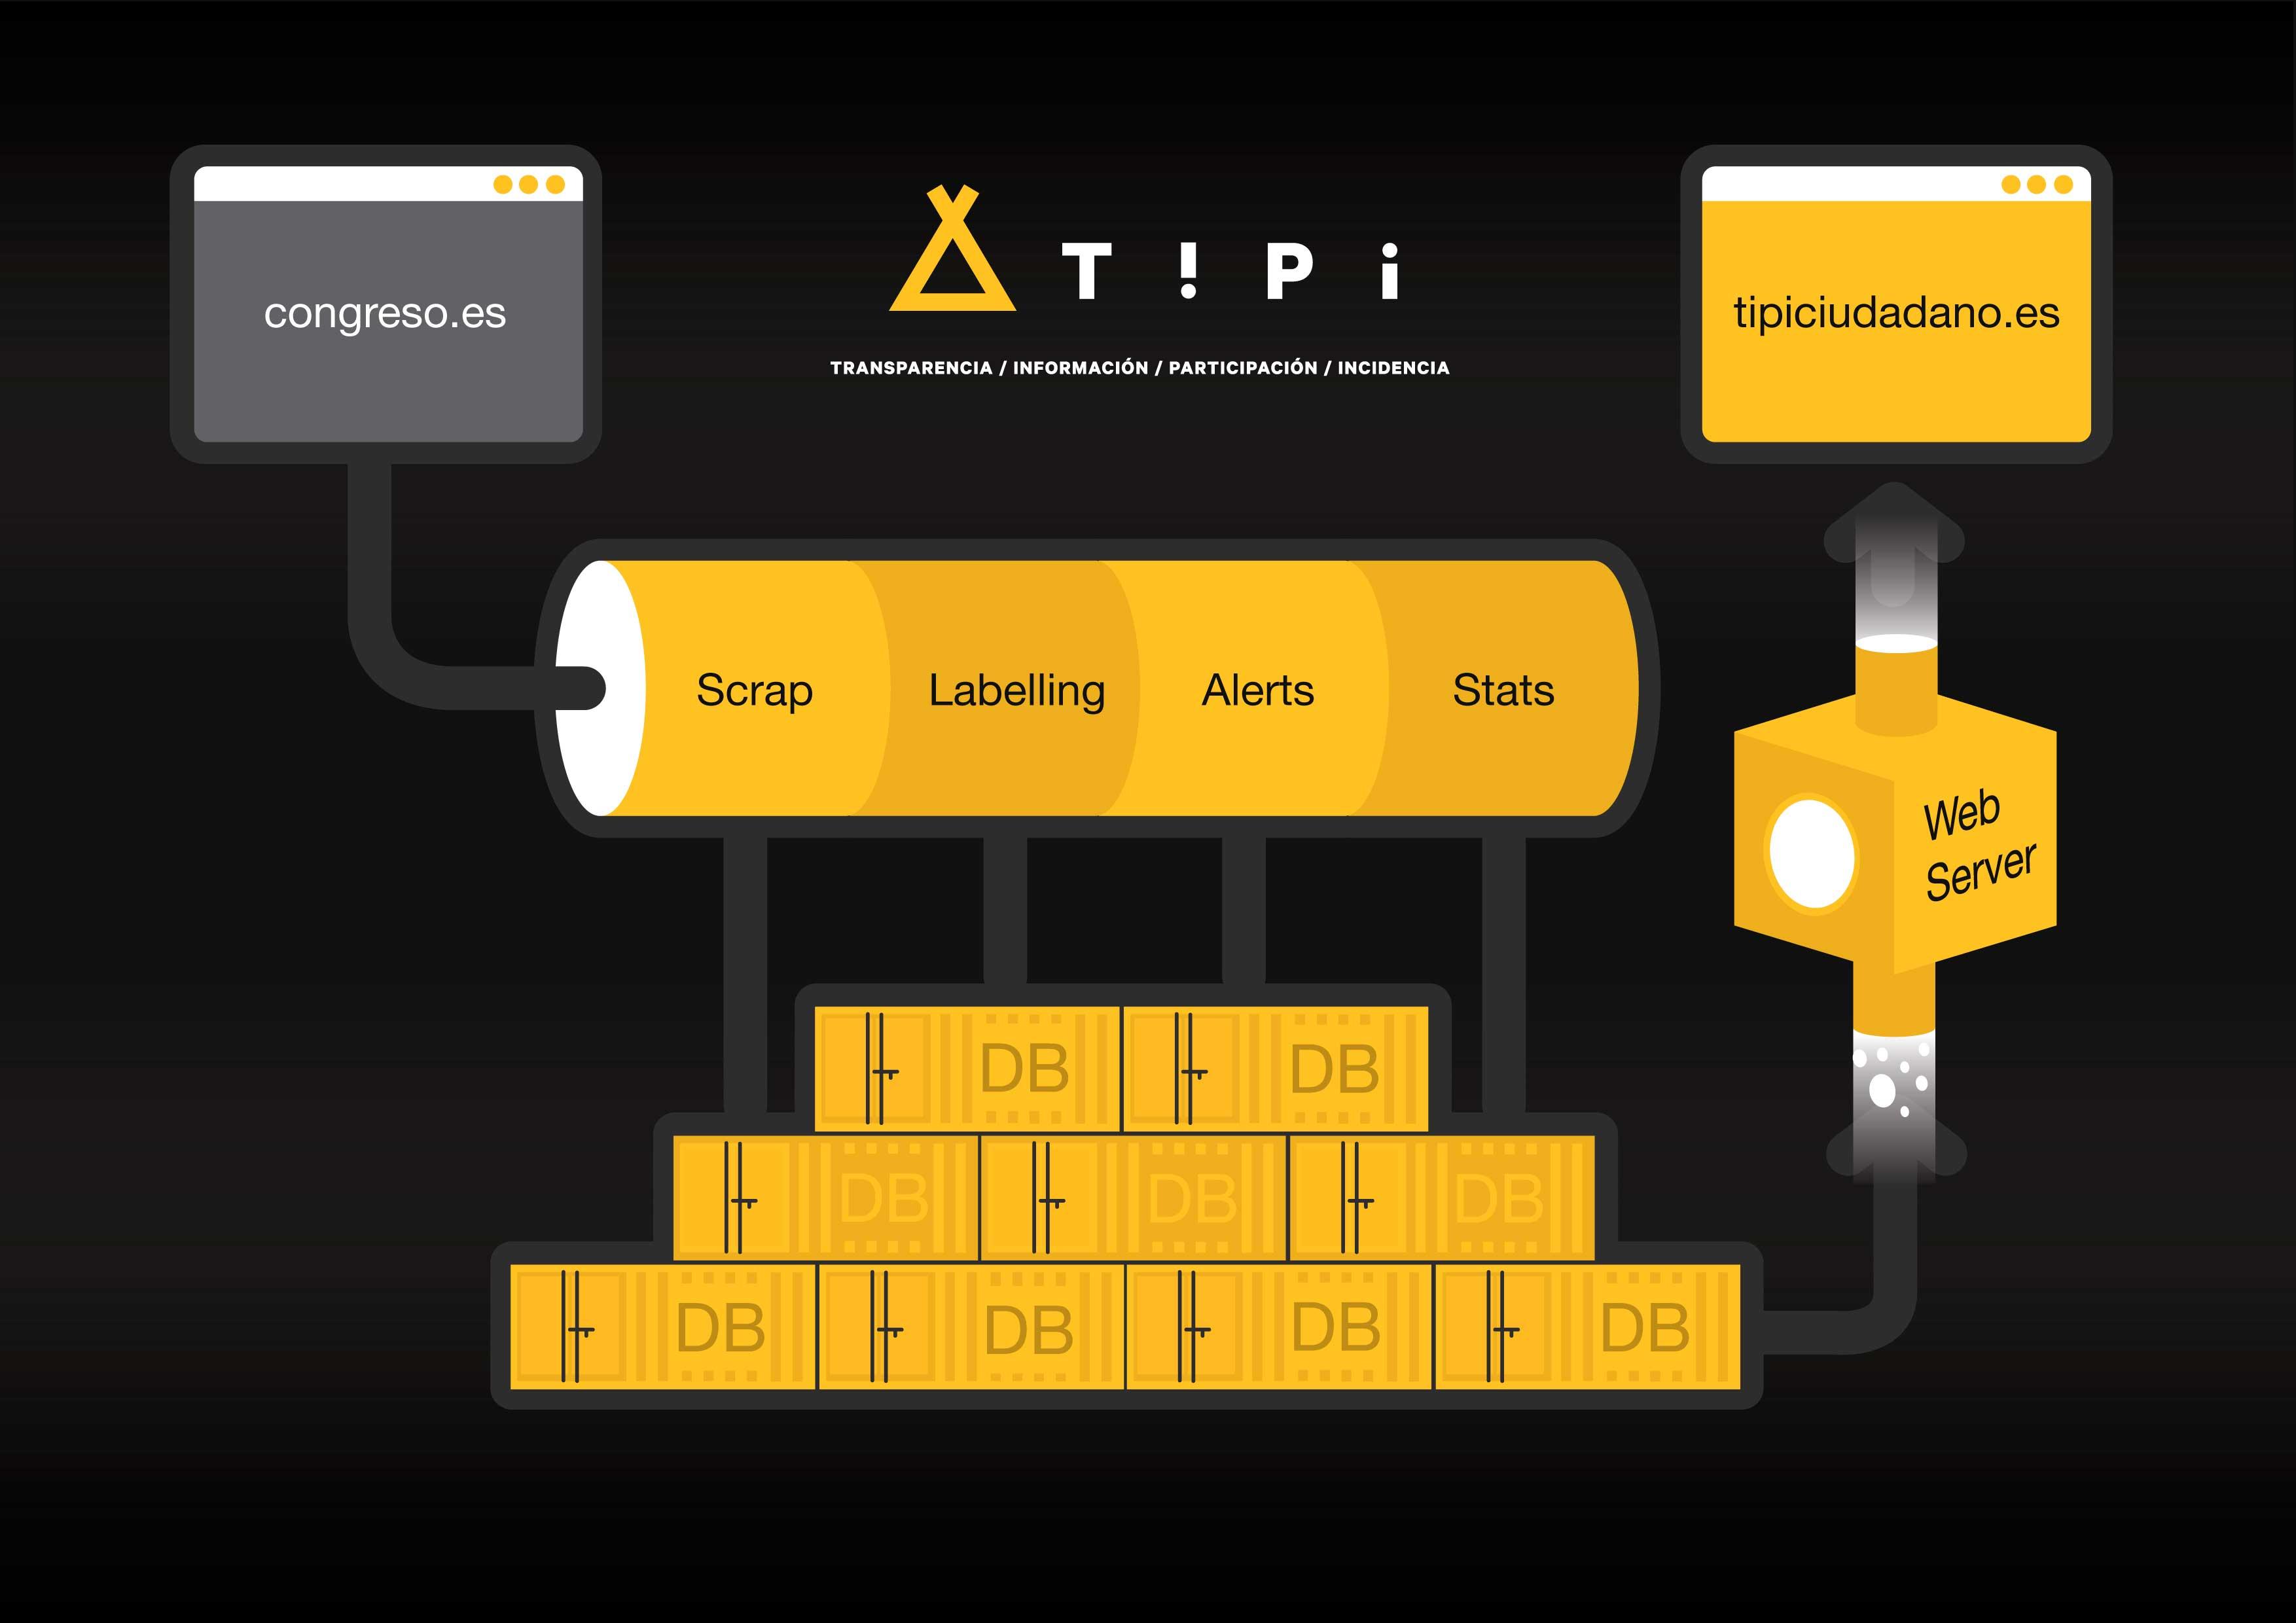 Esquema tecnológico de la segunda versión de Tipi